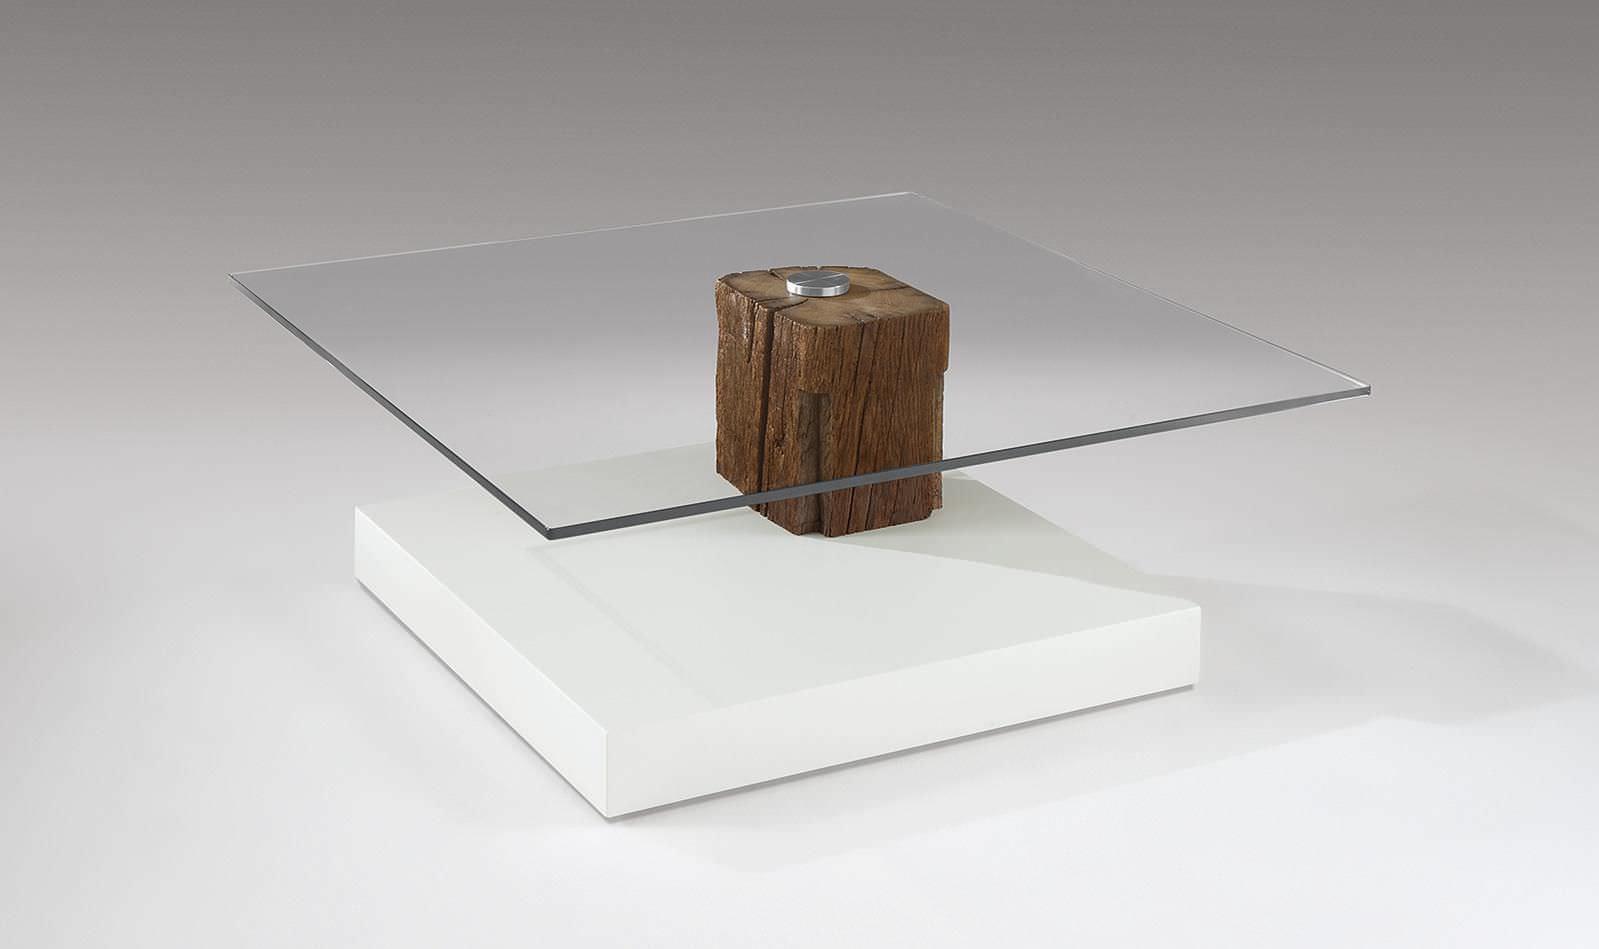 Moderner Couchtisch / Holz / Glas / quadratisch - 4400 ...